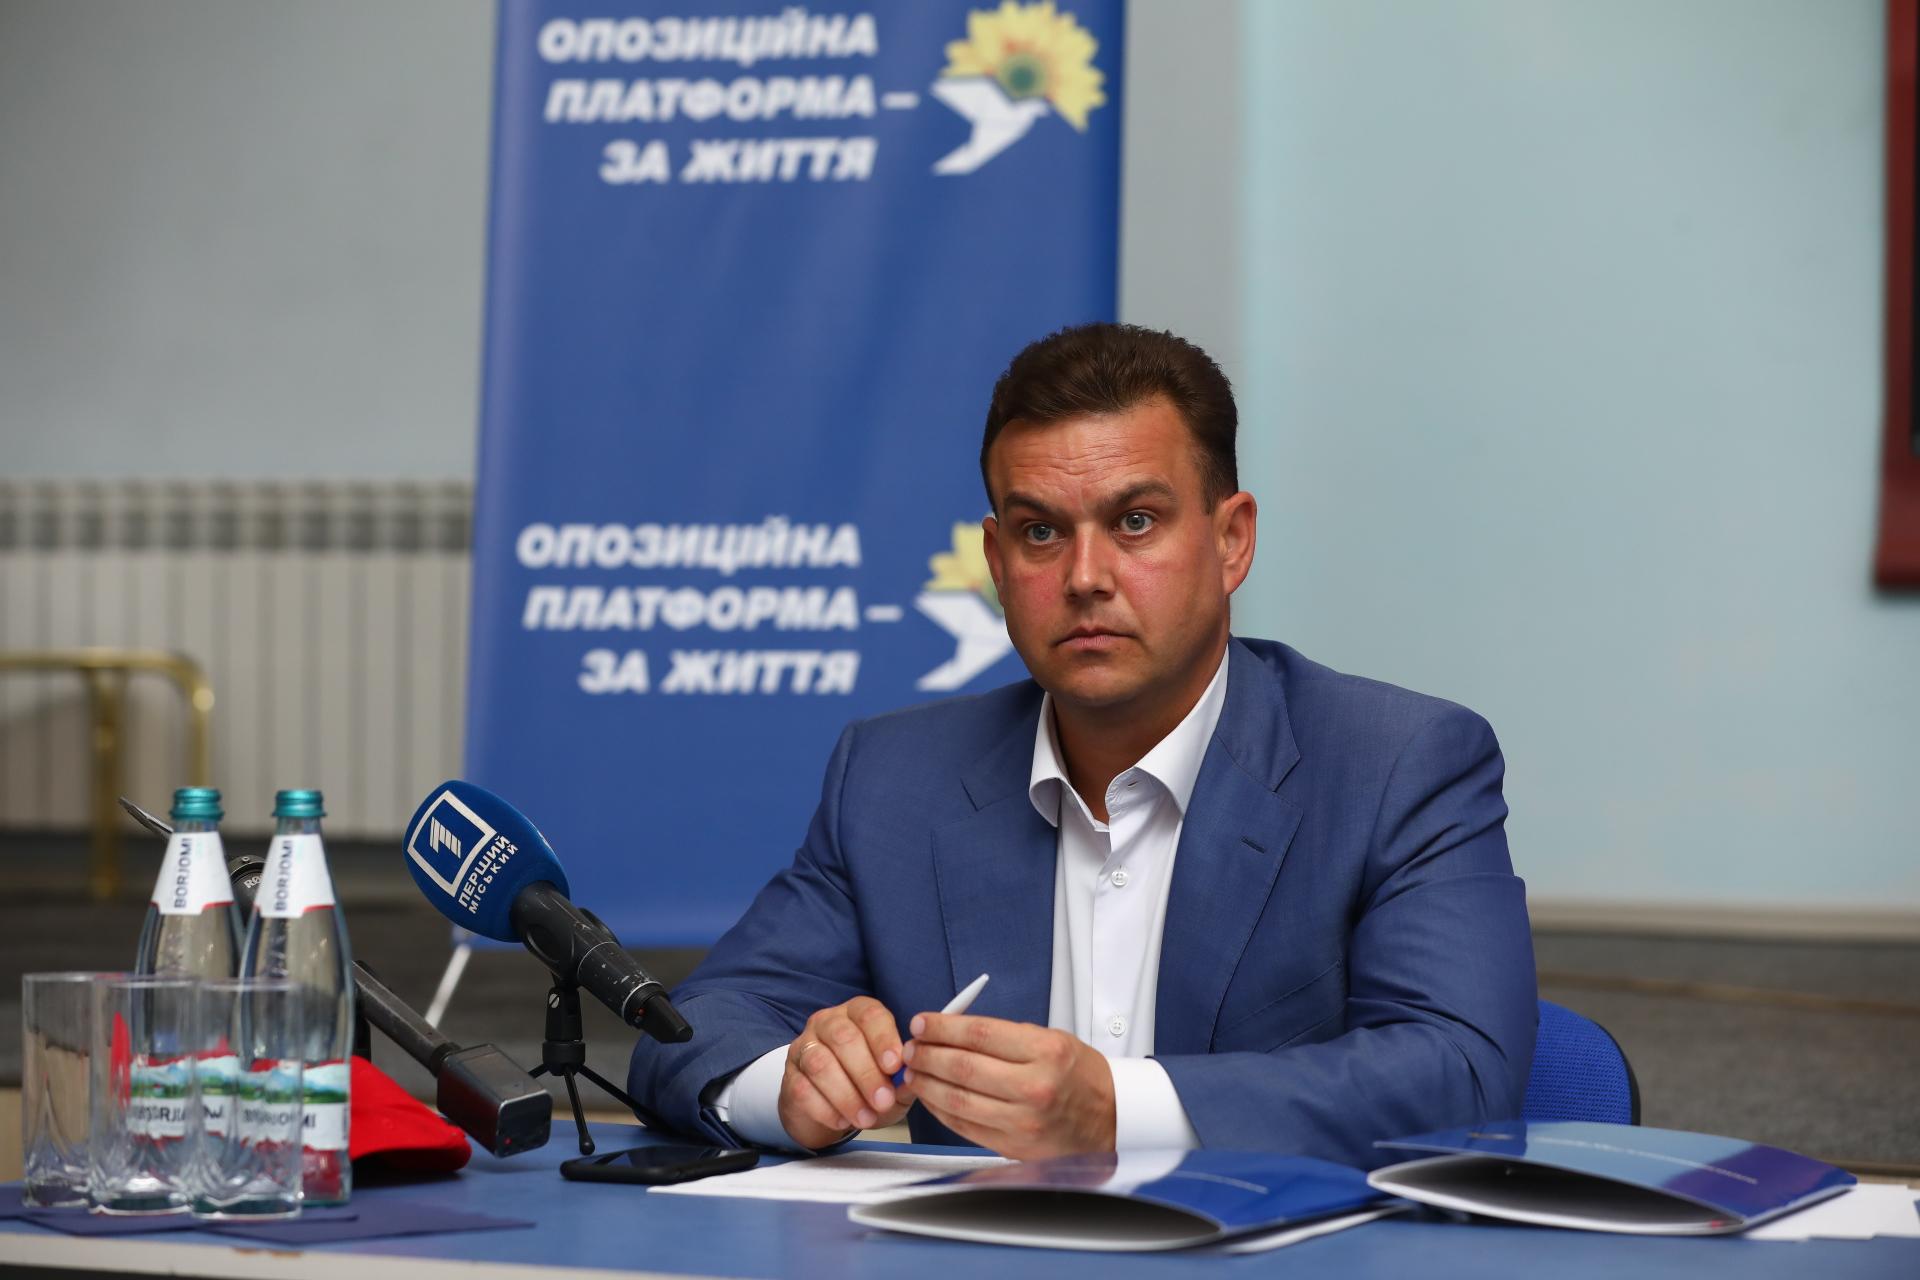 Новости Днепра про ОПЗЖ навела мосты между Кривым Рогом и Днепром